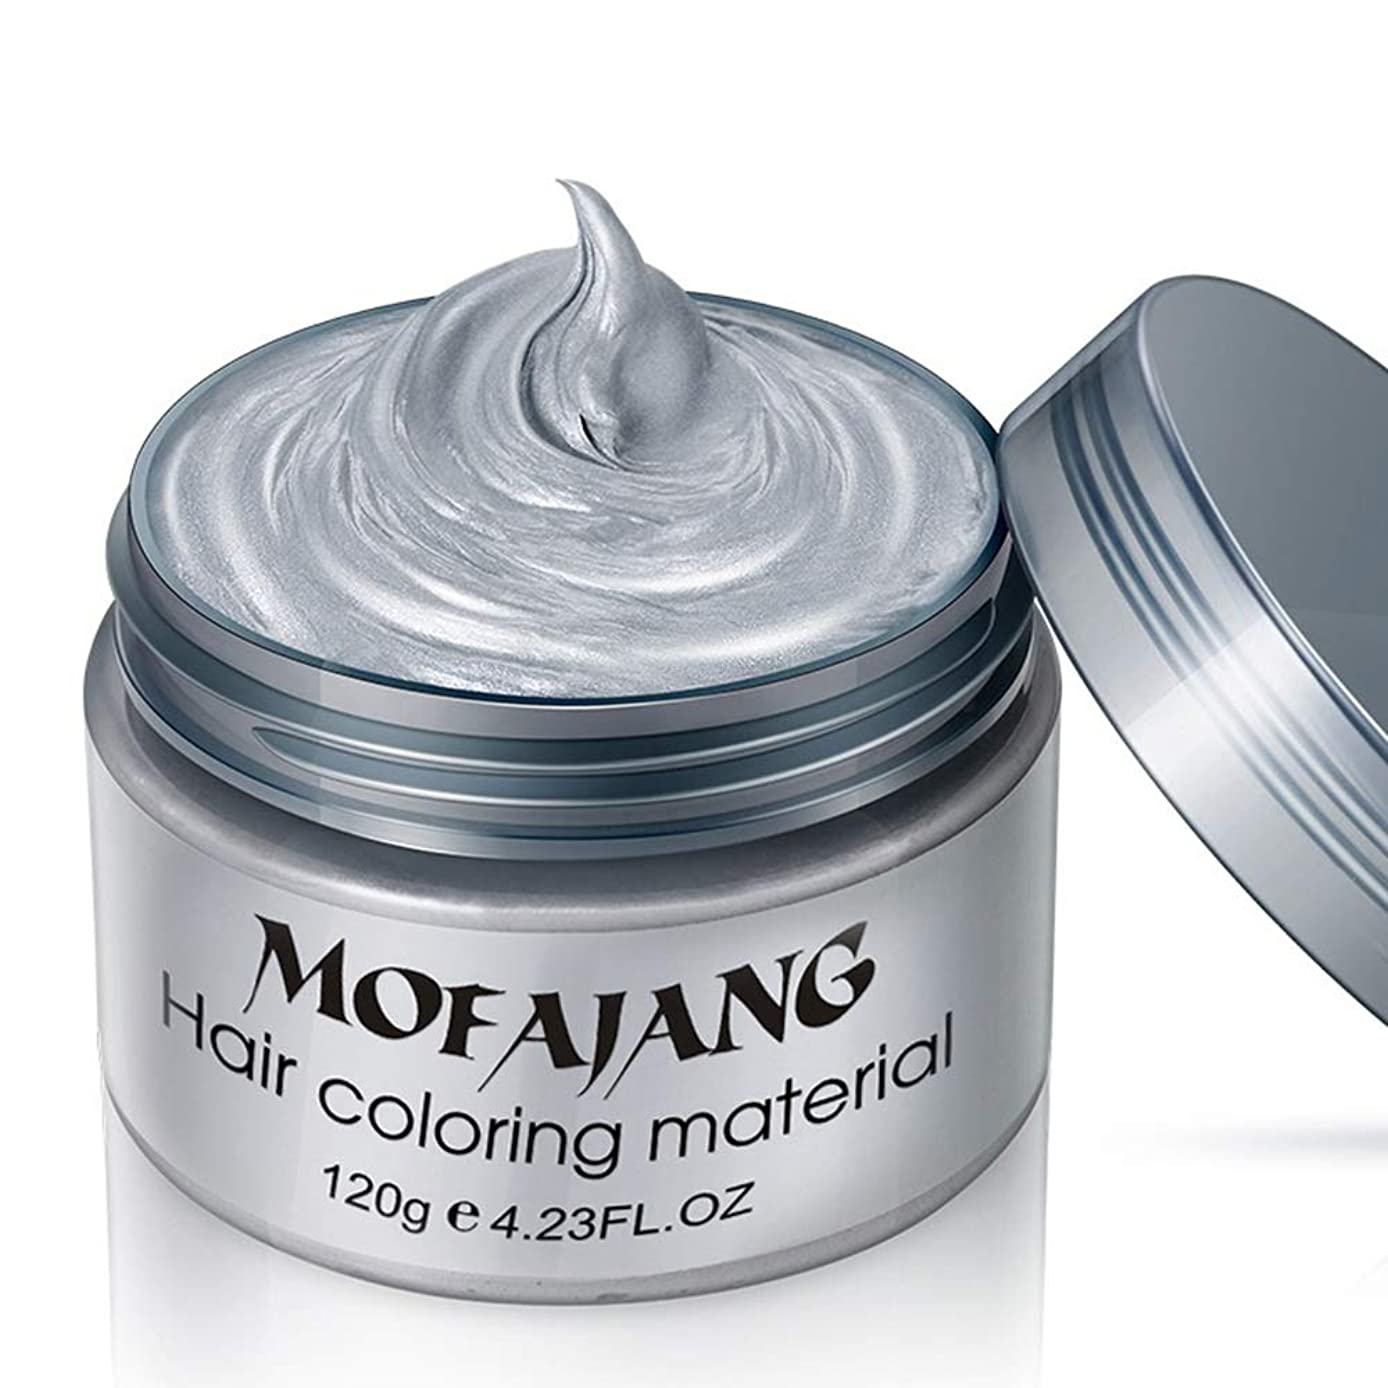 トラフィック先行する観光シルバーグレーの髪のワックス、豪華な着色泥の髪の染め、洗えるトリートメントの非グリースマットの髪型。